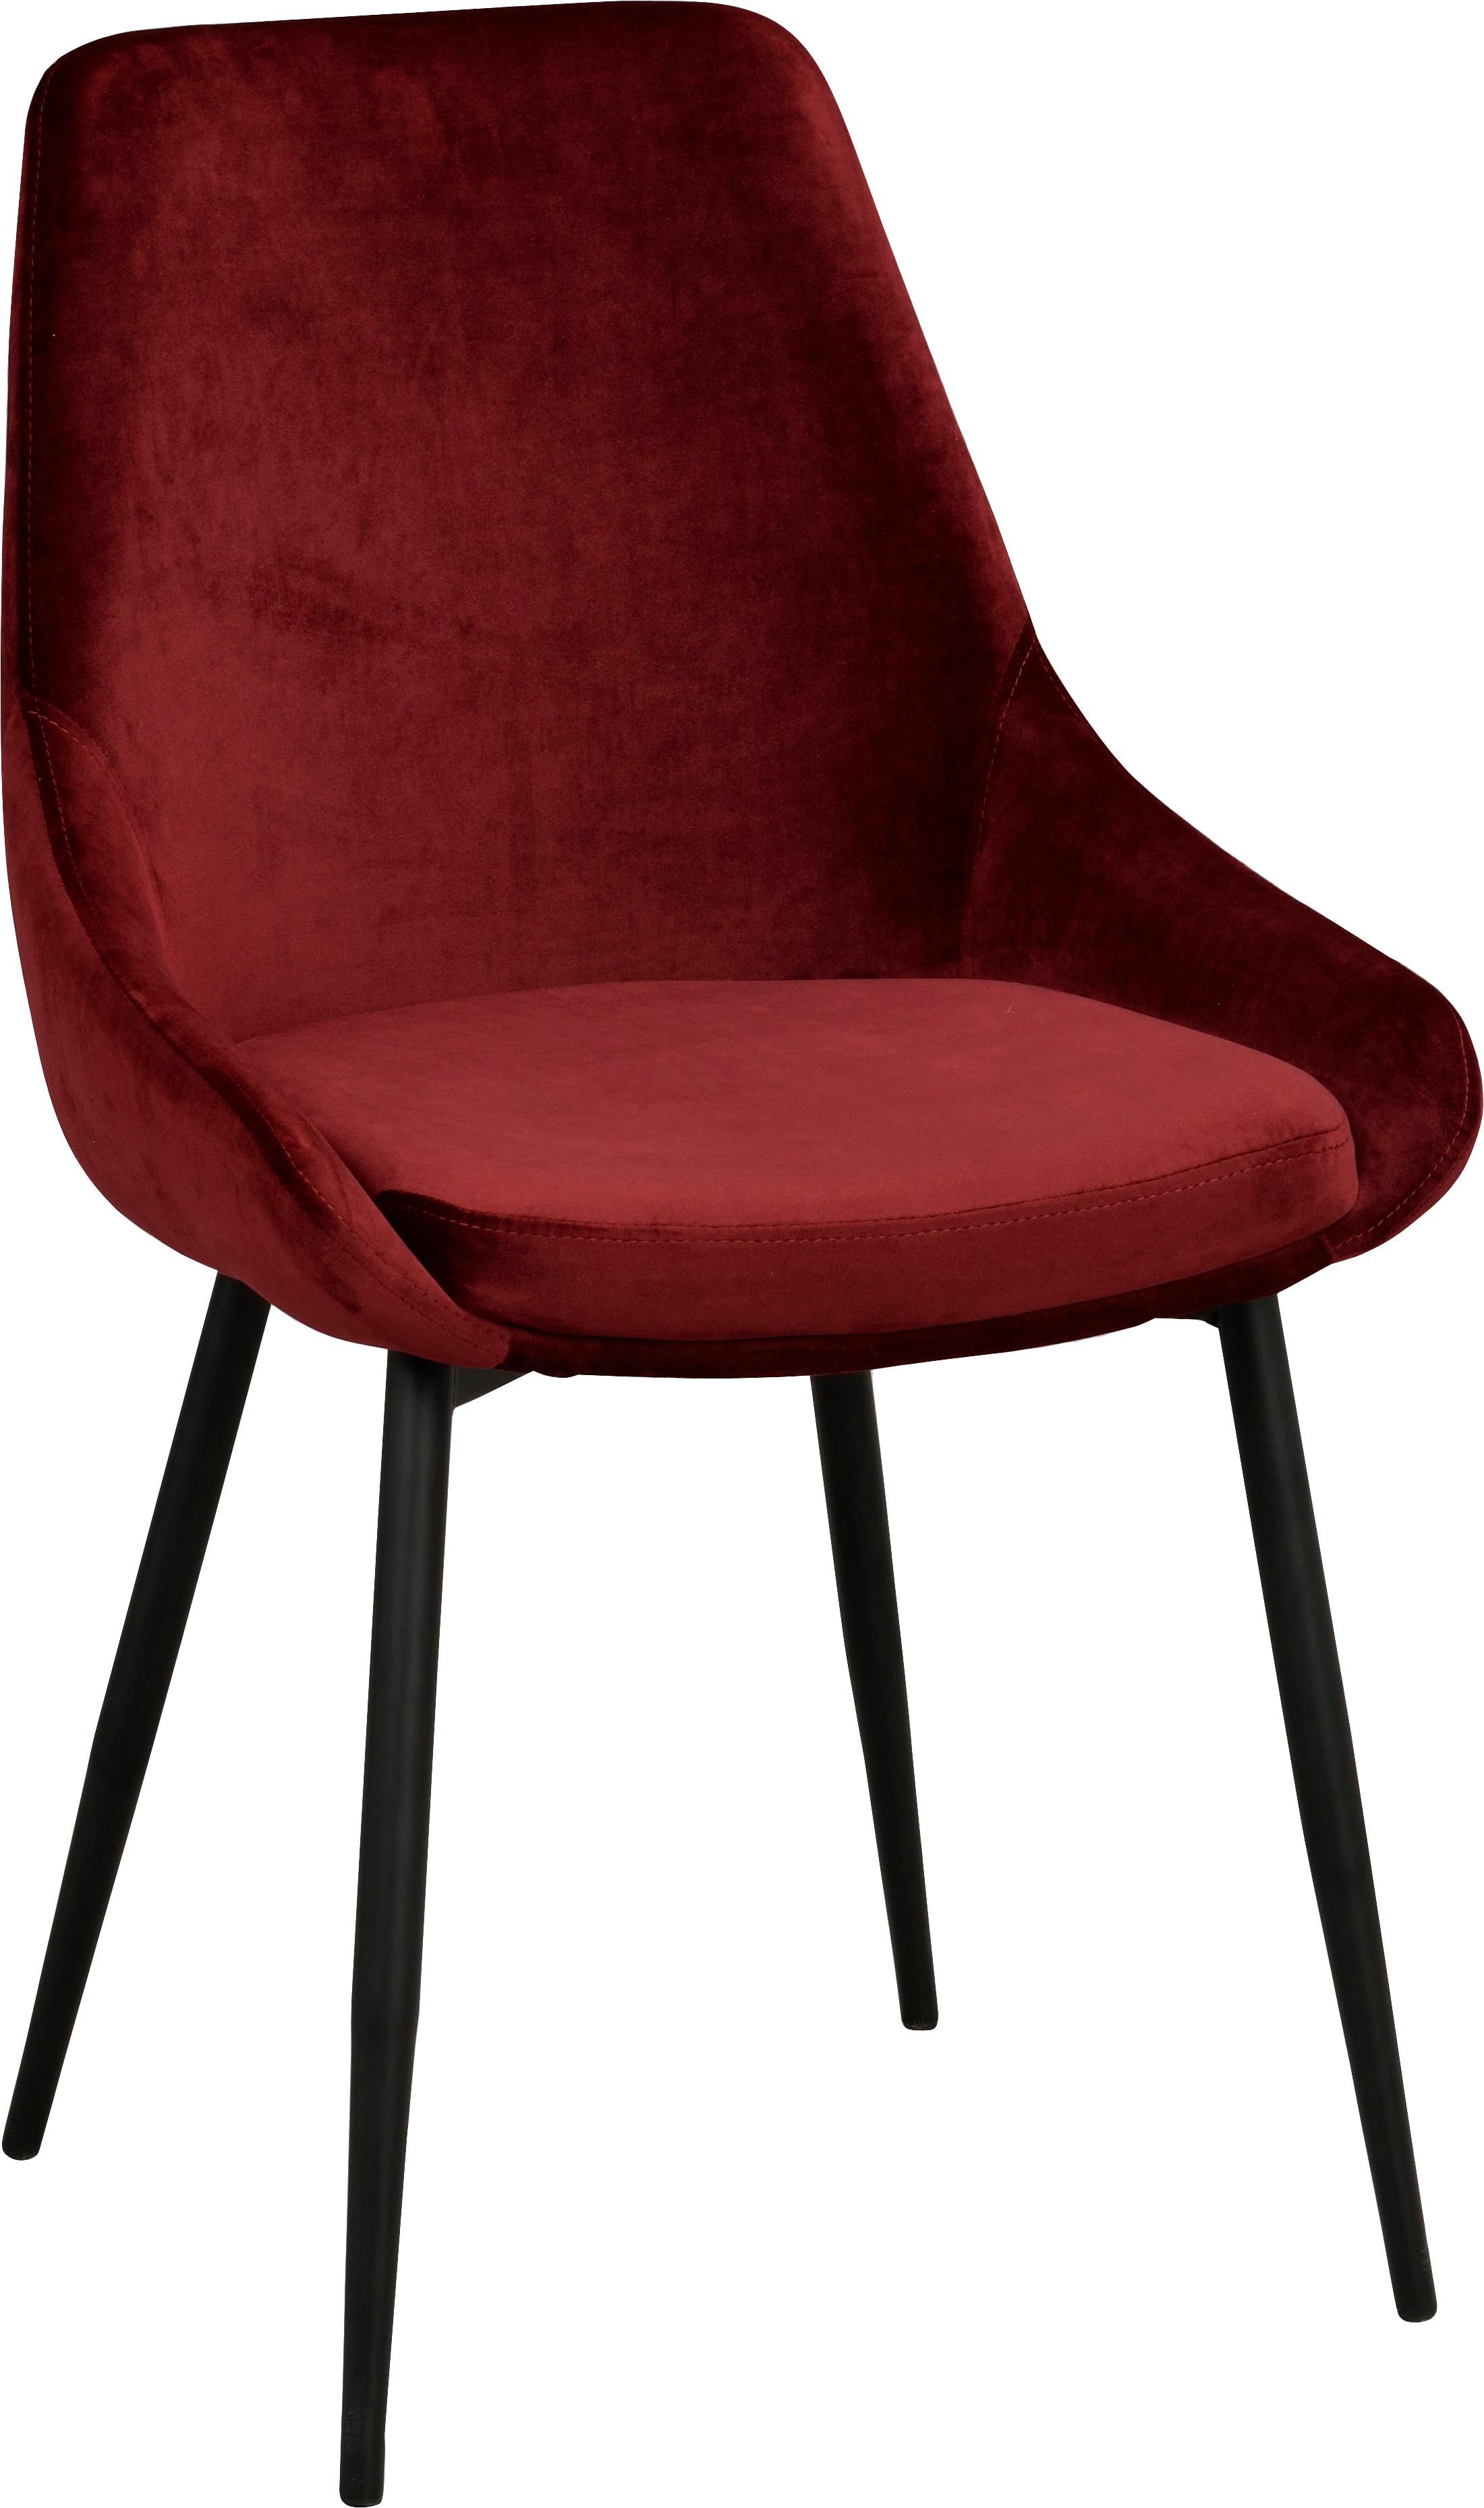 Samt-Polsterstühle Sierra, 2 Stück, Bezug: Polyestersamt 100.000 Sch, Beine: Metall, lackiert, Schwarz Rot, Beine Schwarz, B 49 x T 55 cm